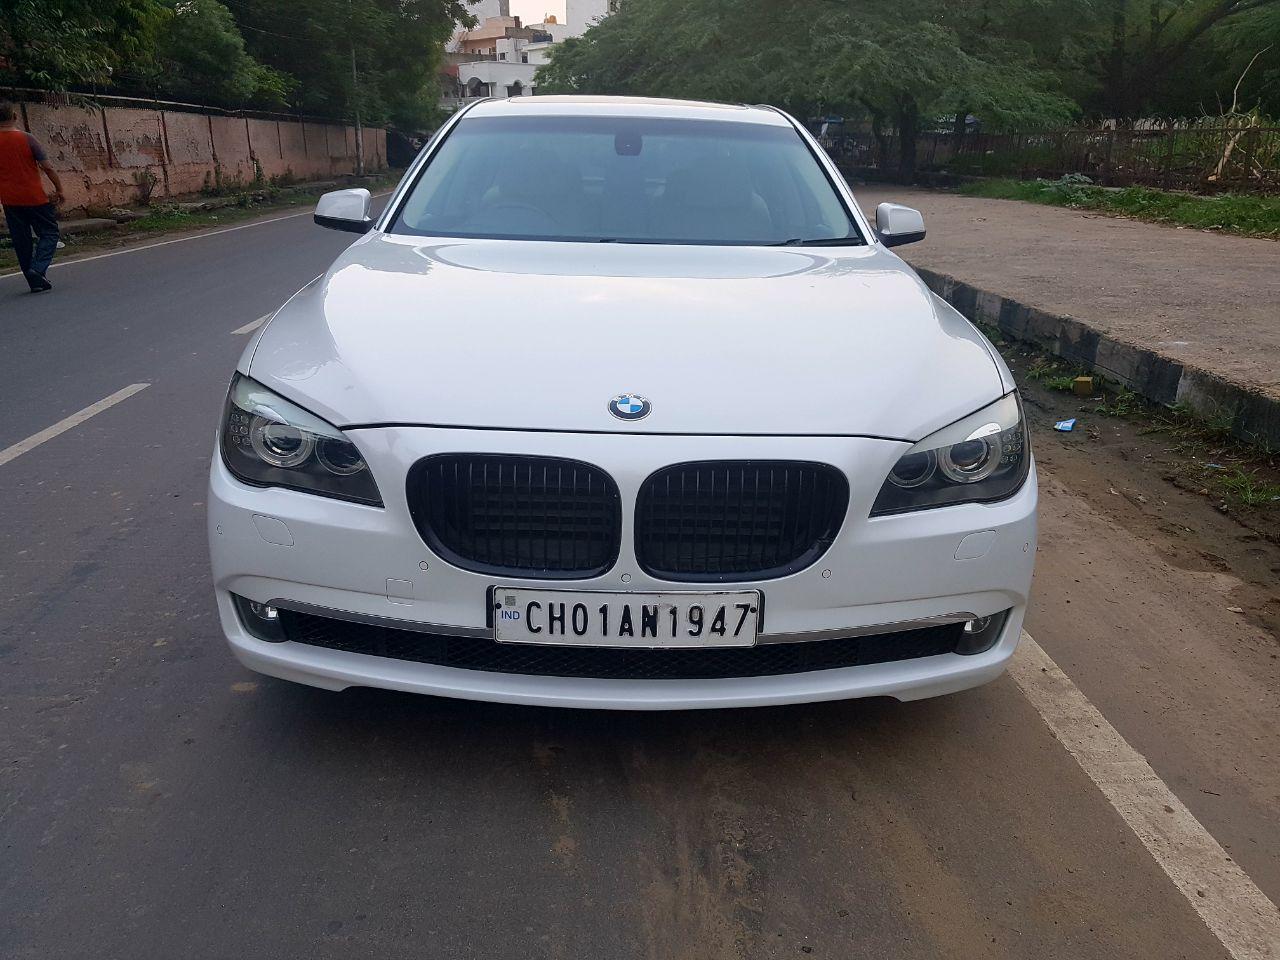 Secondhand BMW-730 D car in Dwarka and Uttam Nagar